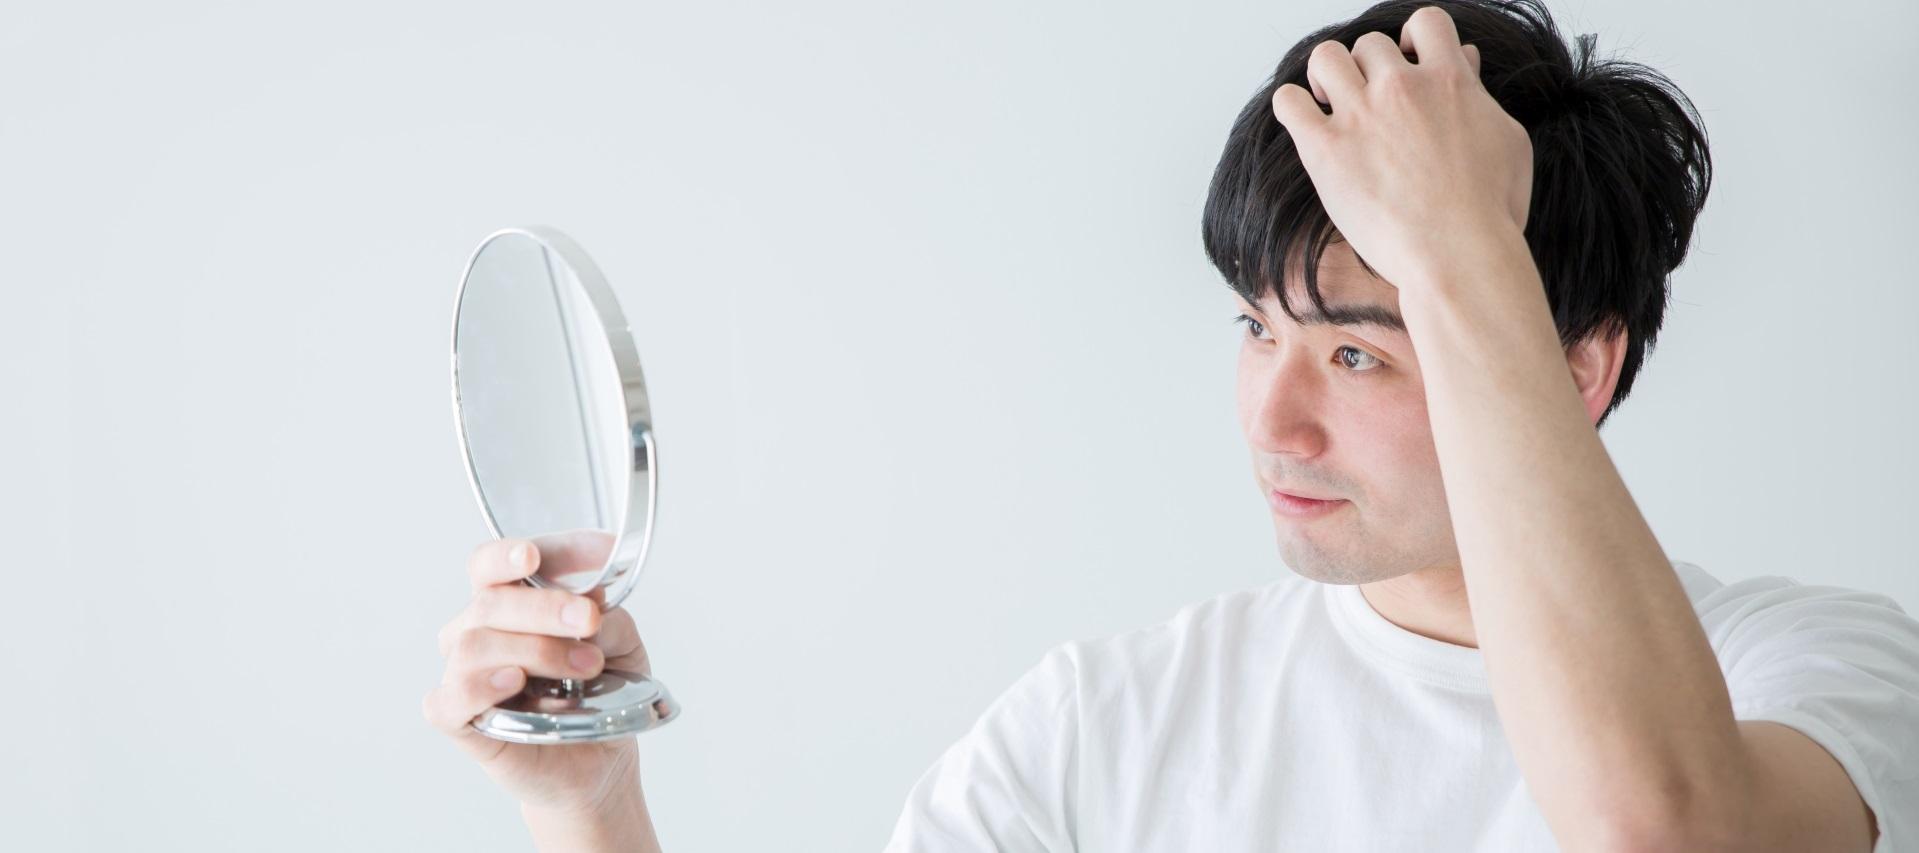 もう抜け毛で悩まない!AGA(男性型脱毛症)の原因と仕組みとは